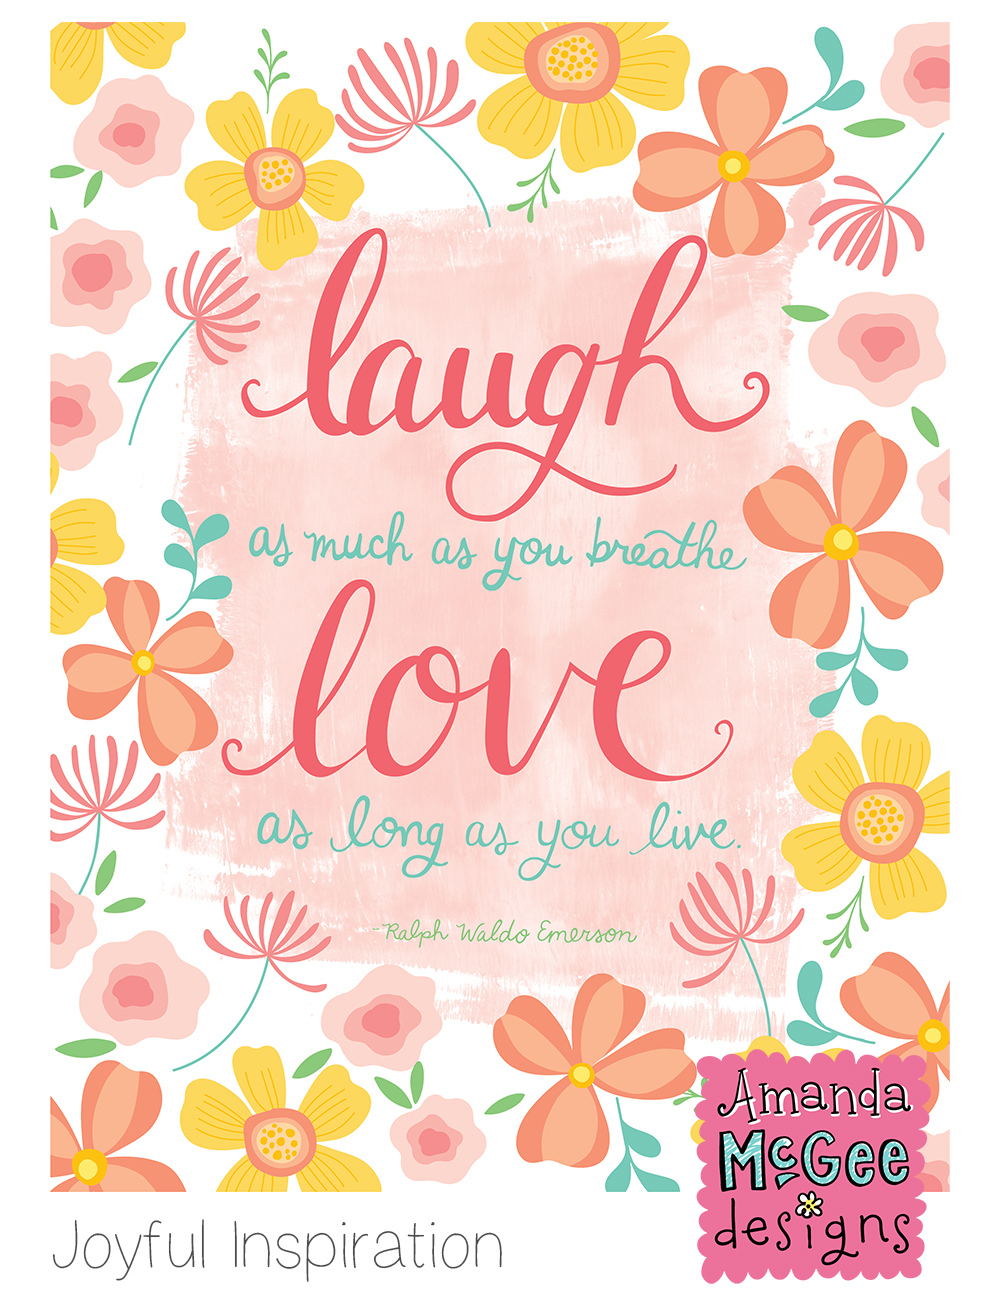 AmandaMcGee_IlloLettering_JoyfulInspiration-Love.jpg